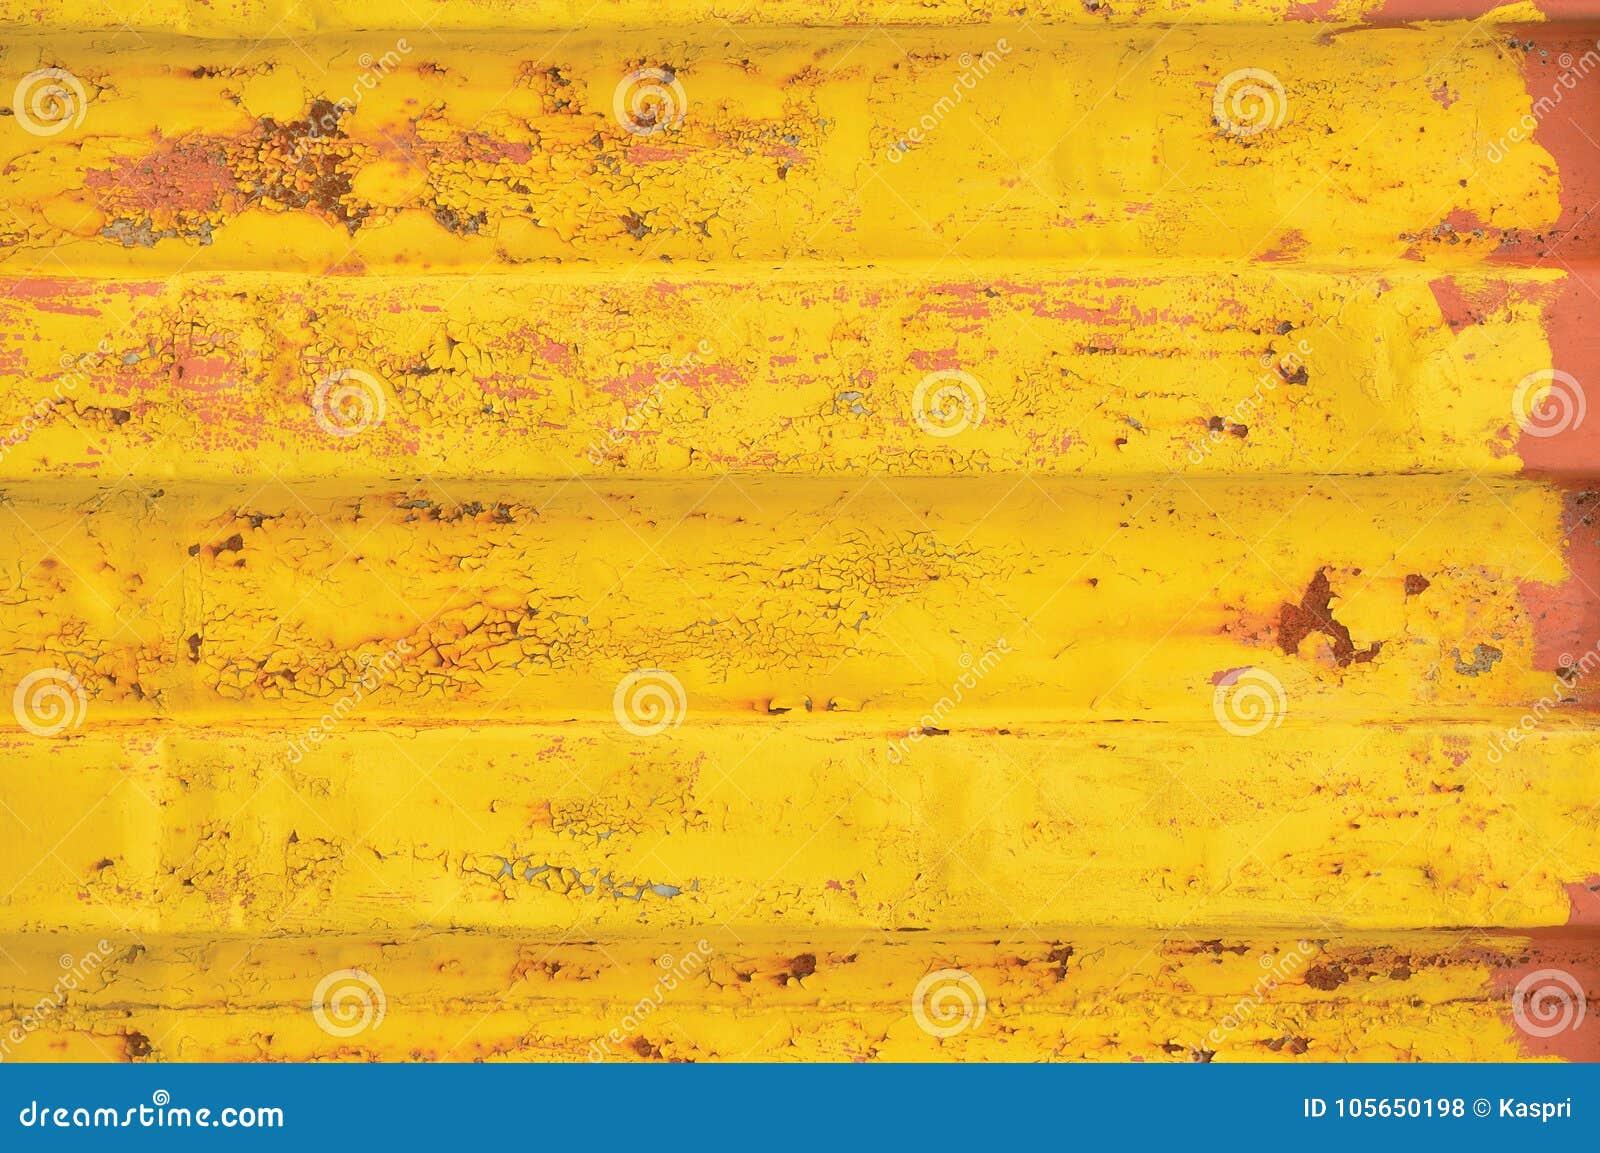 Fondo del contenedor de Yellow Sea, modelo acanalado oxidado, capa roja de la cartilla, textura de acero detallada aherrumbrada h